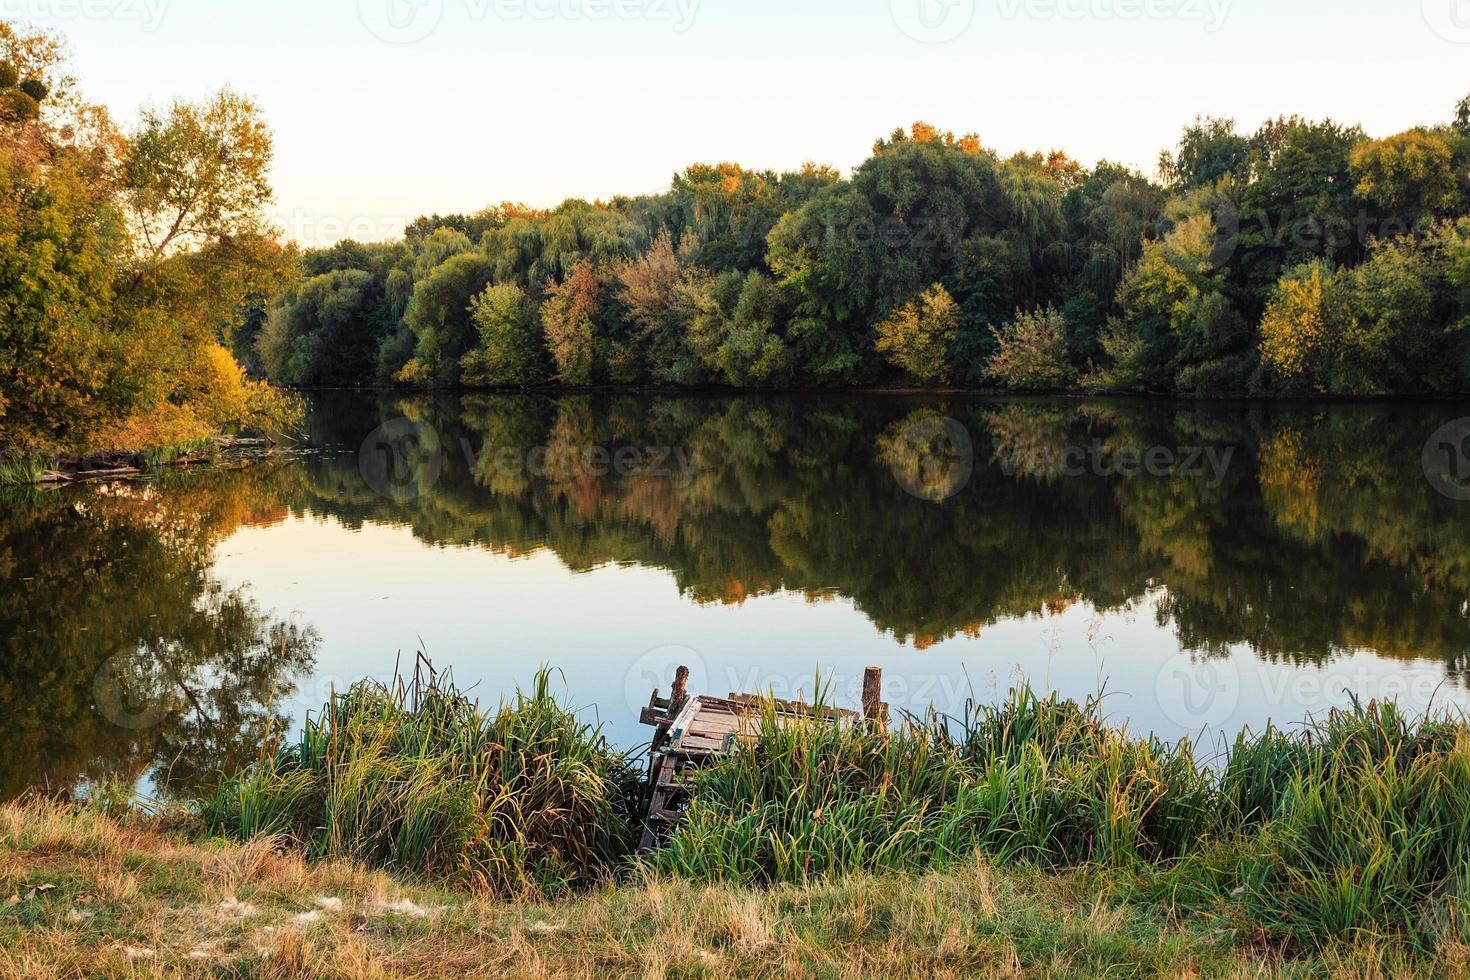 Autumn landscape at the river photo